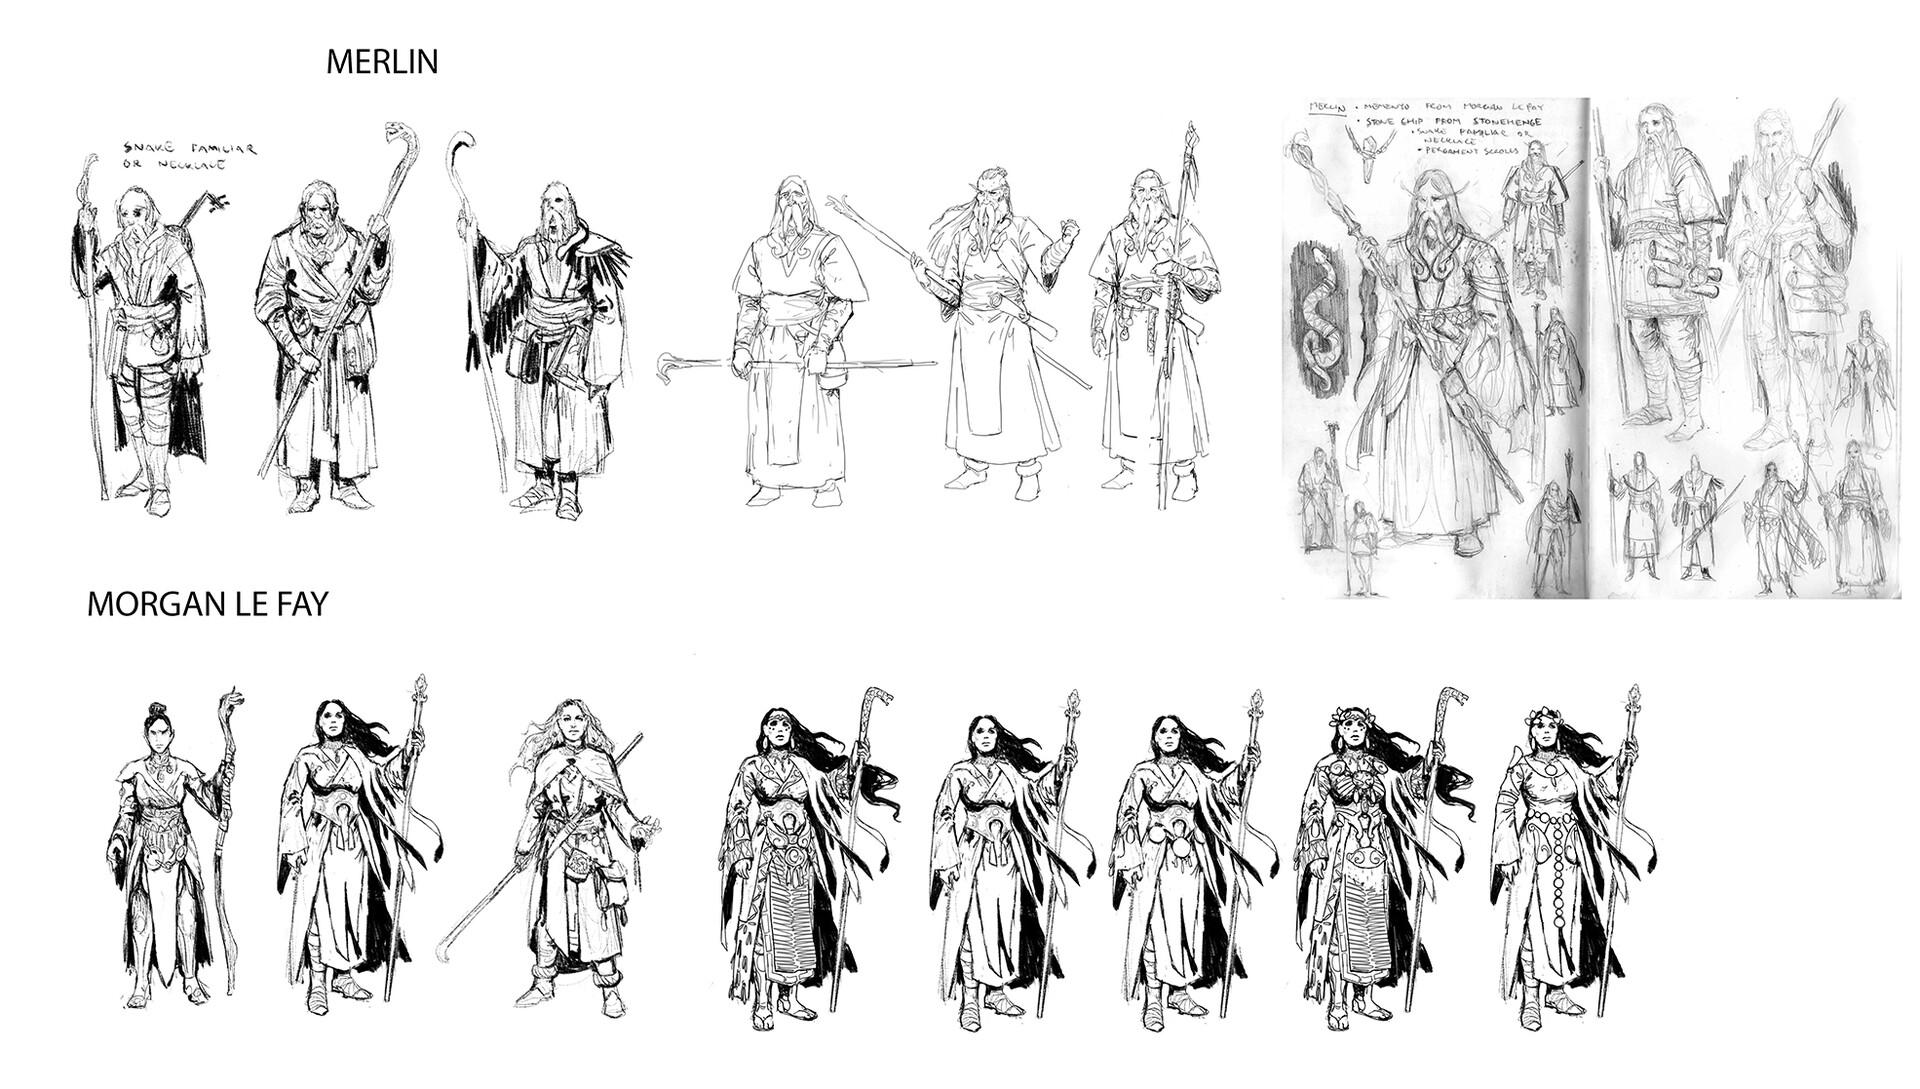 Veli nystrom artstation king arthur character sketches3